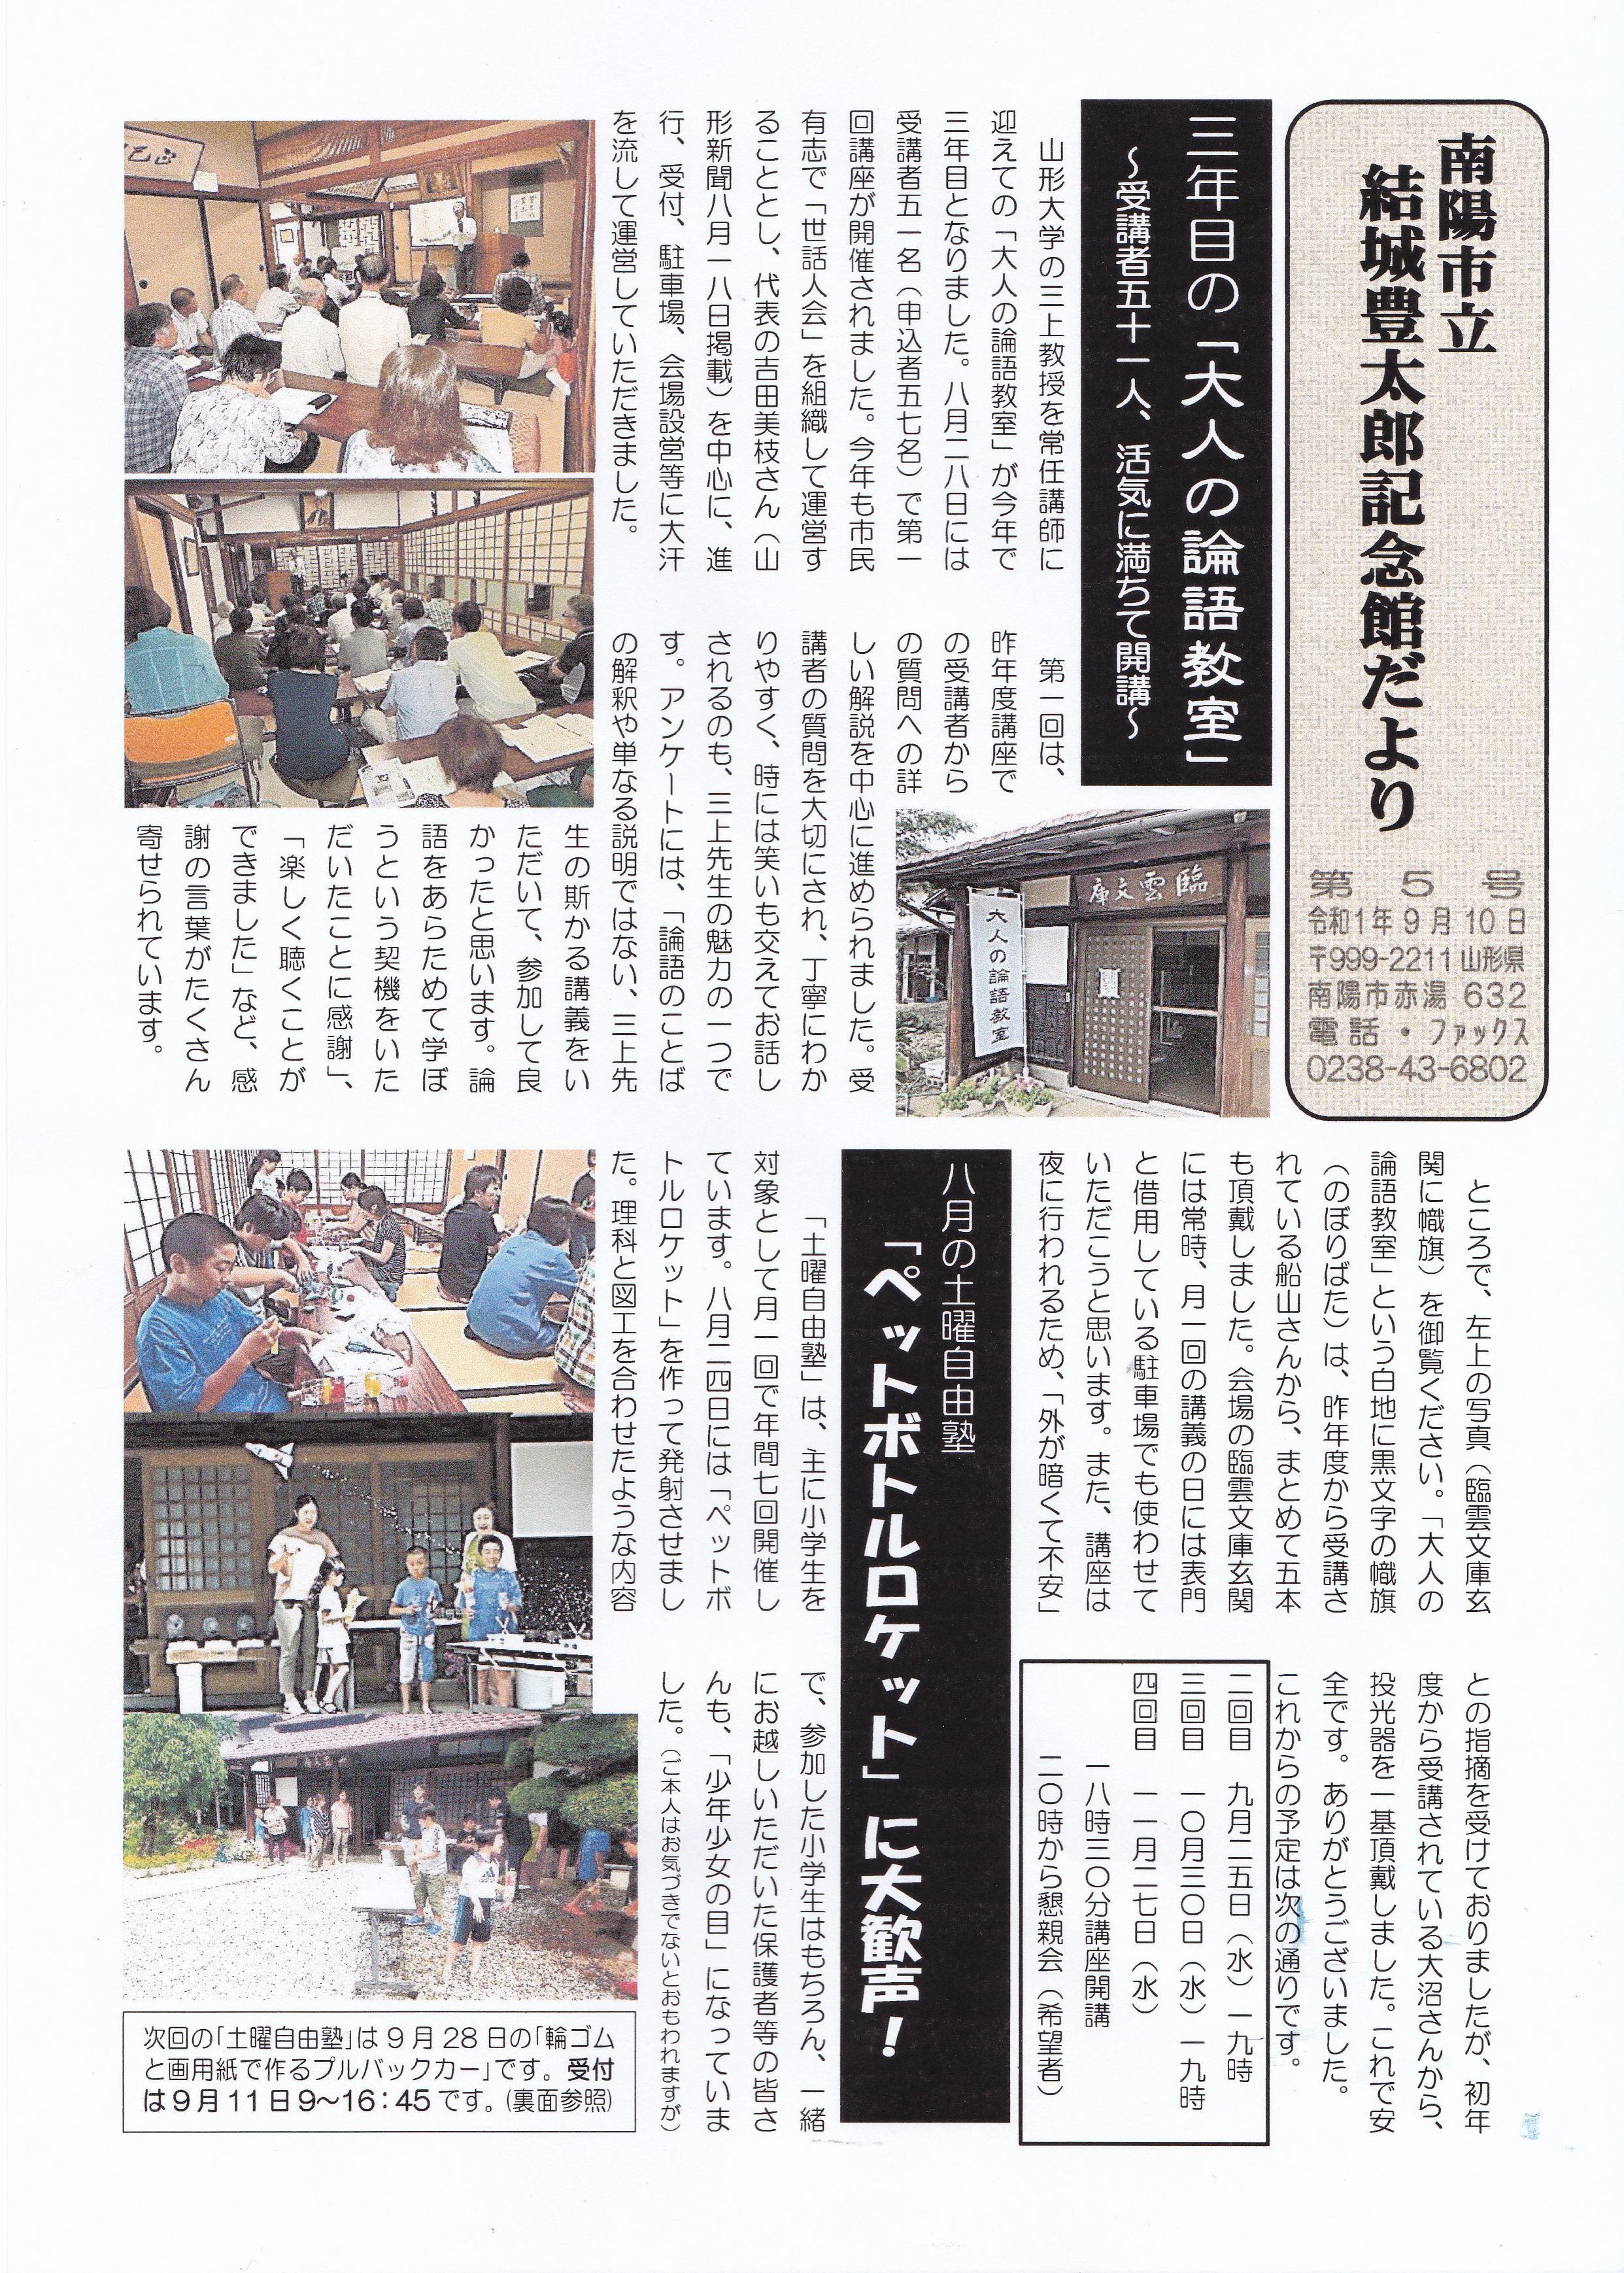 結城豊太郎記念館だより第5号です